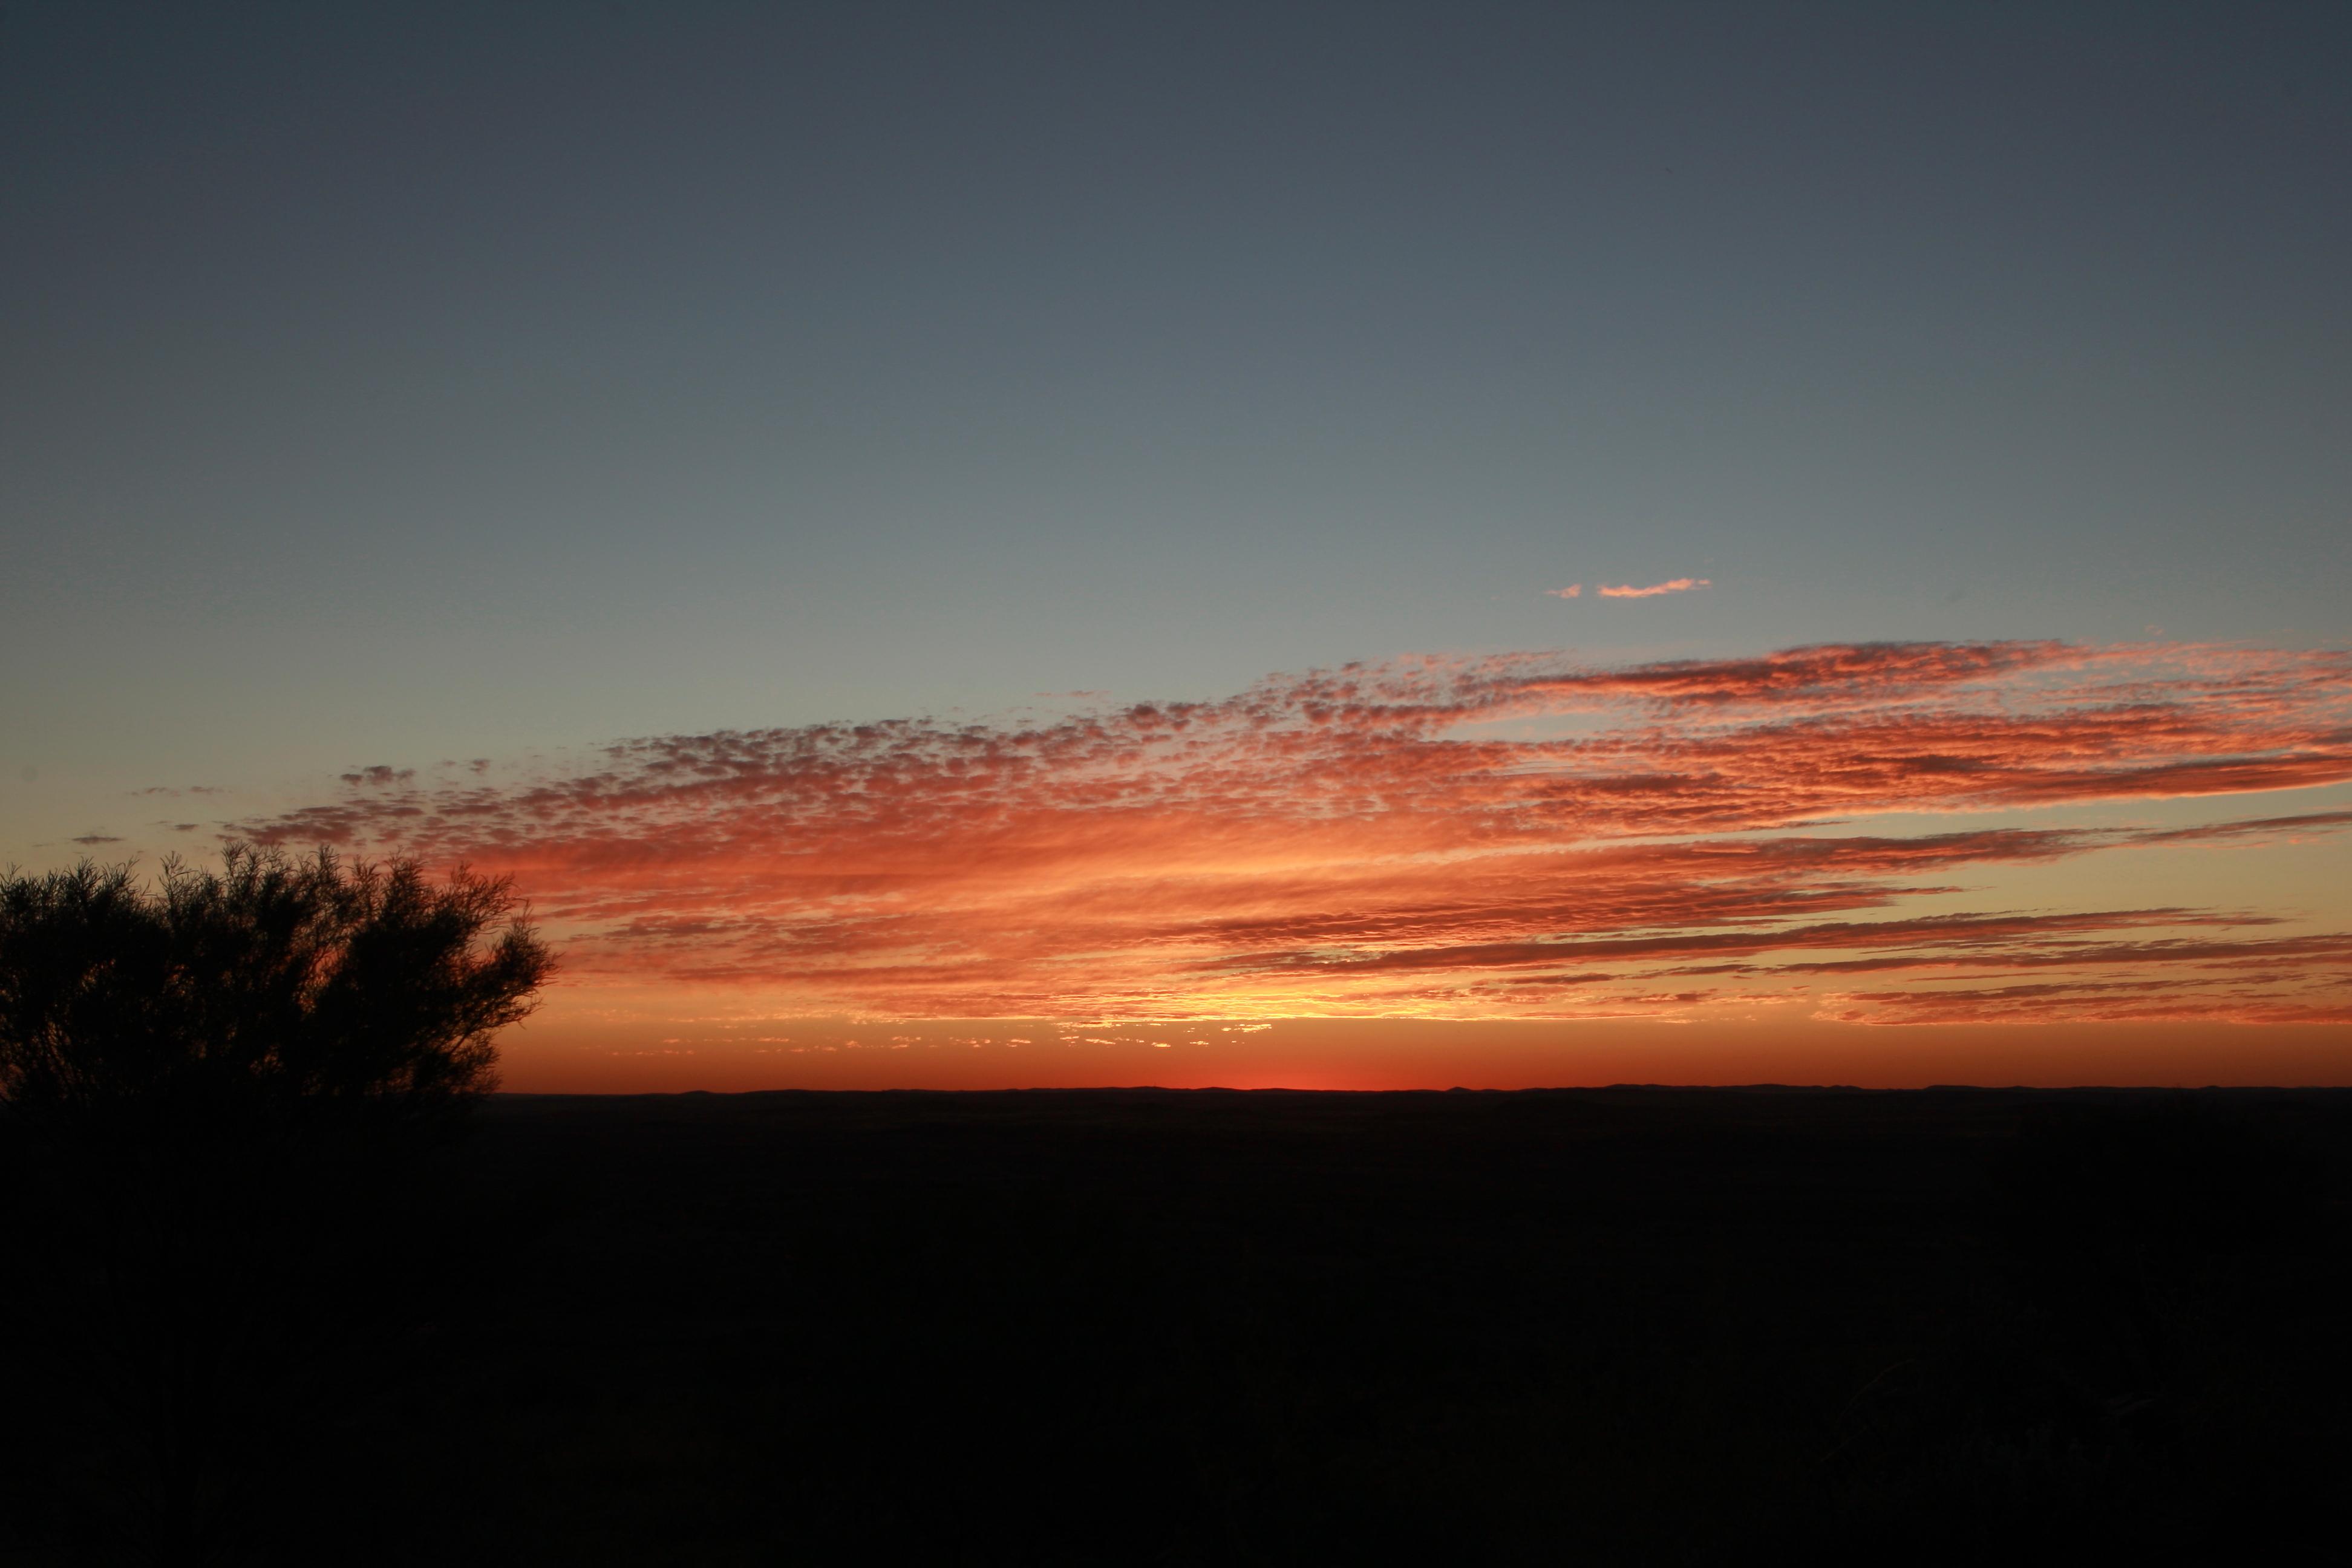 Australia_Outback_05